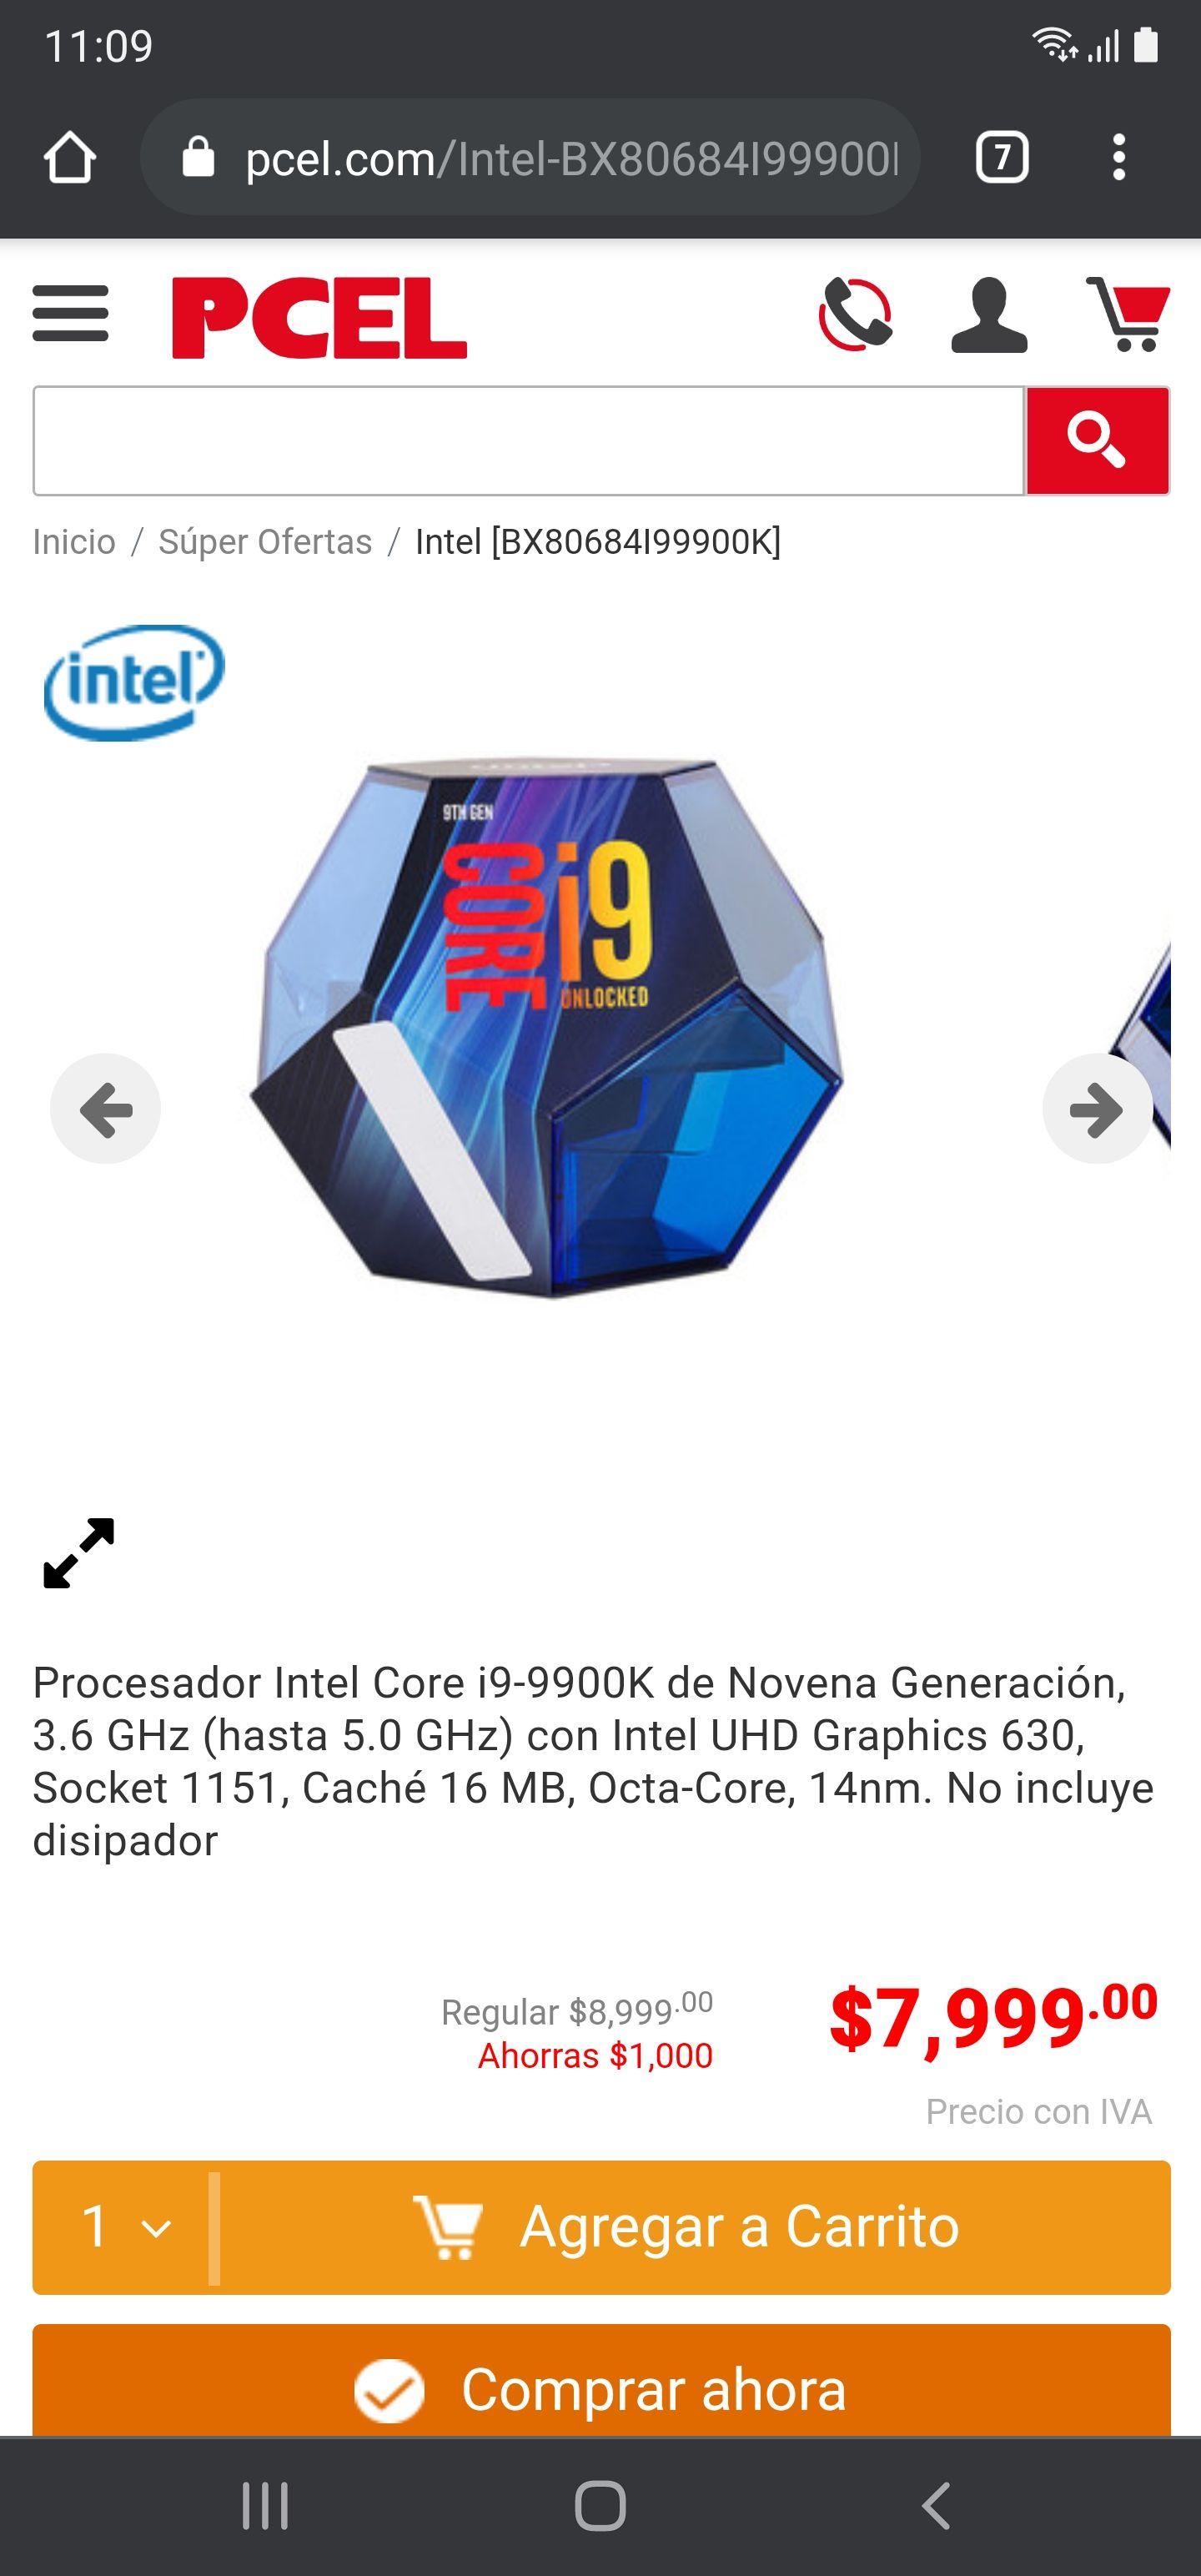 PCEL, Intel core i9 9900k con envío terrestre gratis